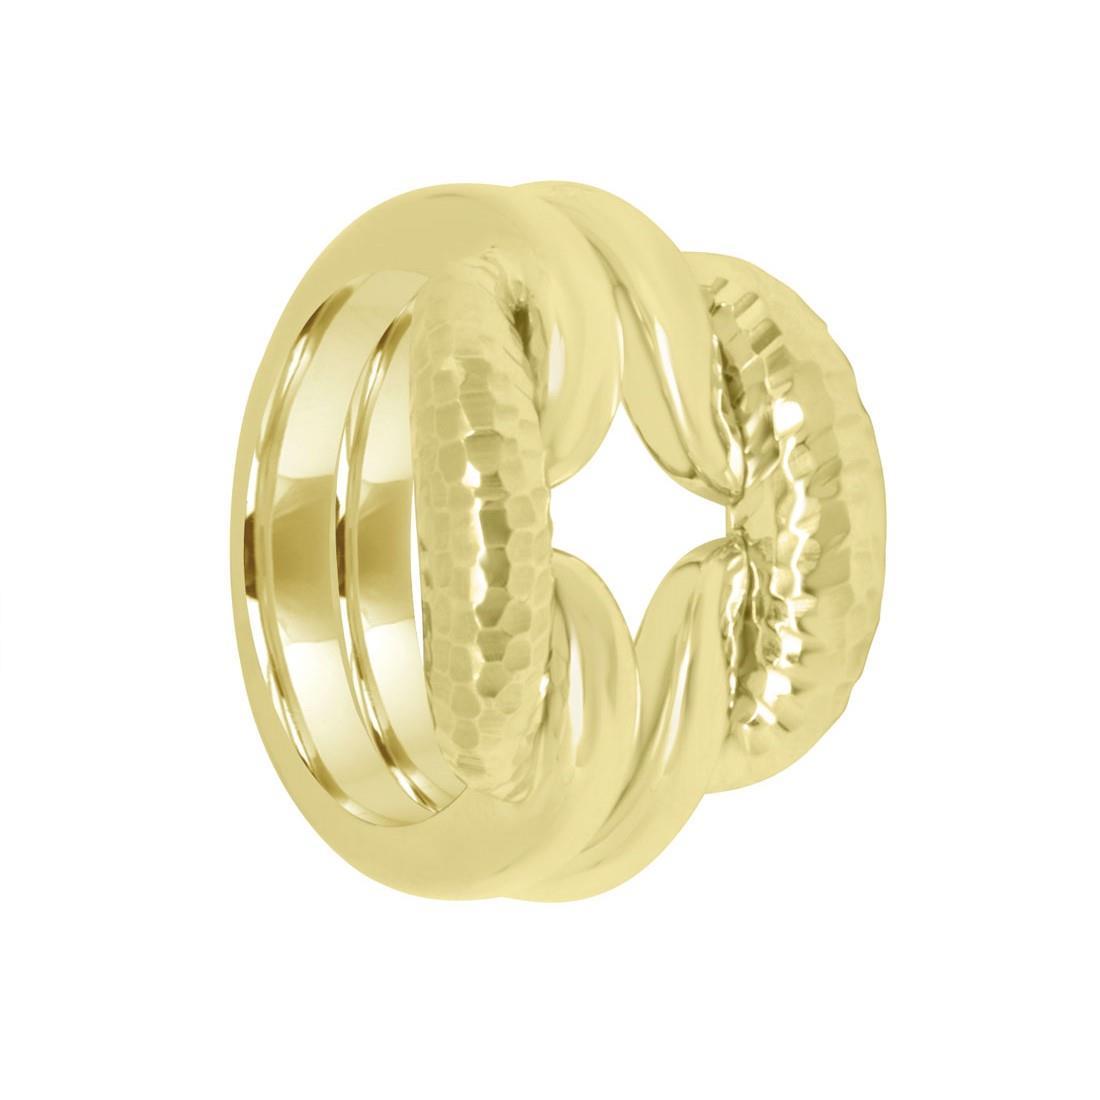 Anello Damiani Lace in oro giallo con diamanti ct 0,05 - DAMIANI